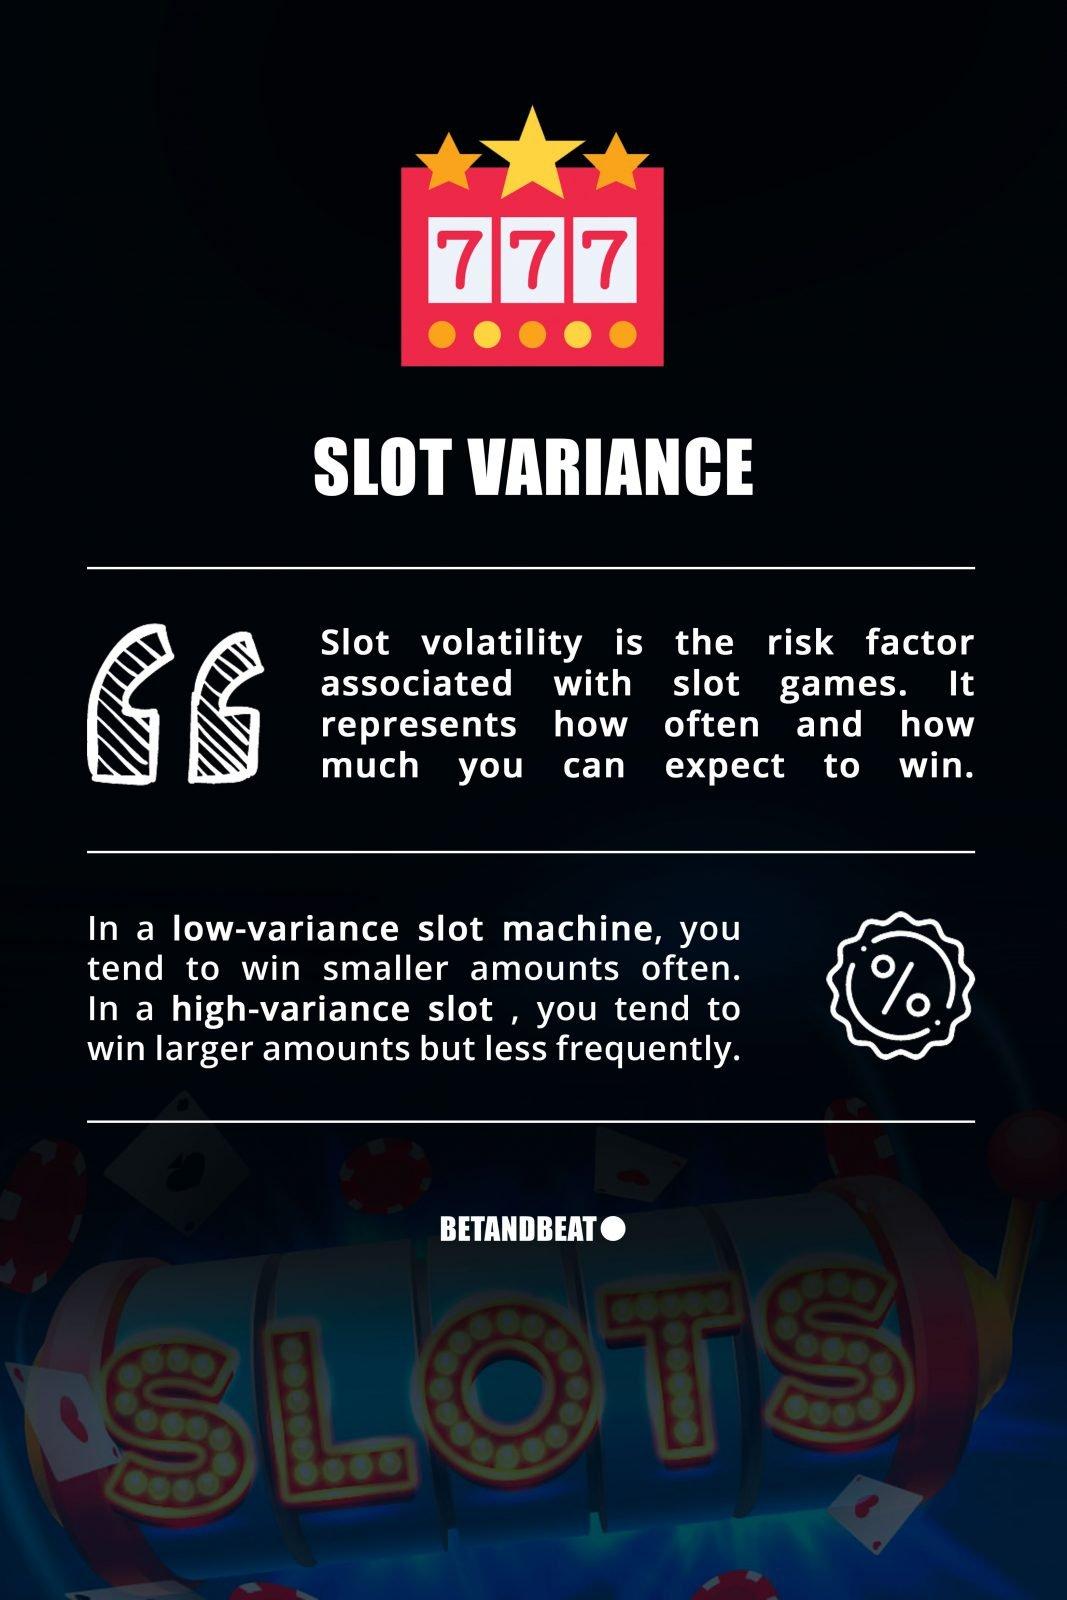 slot variance